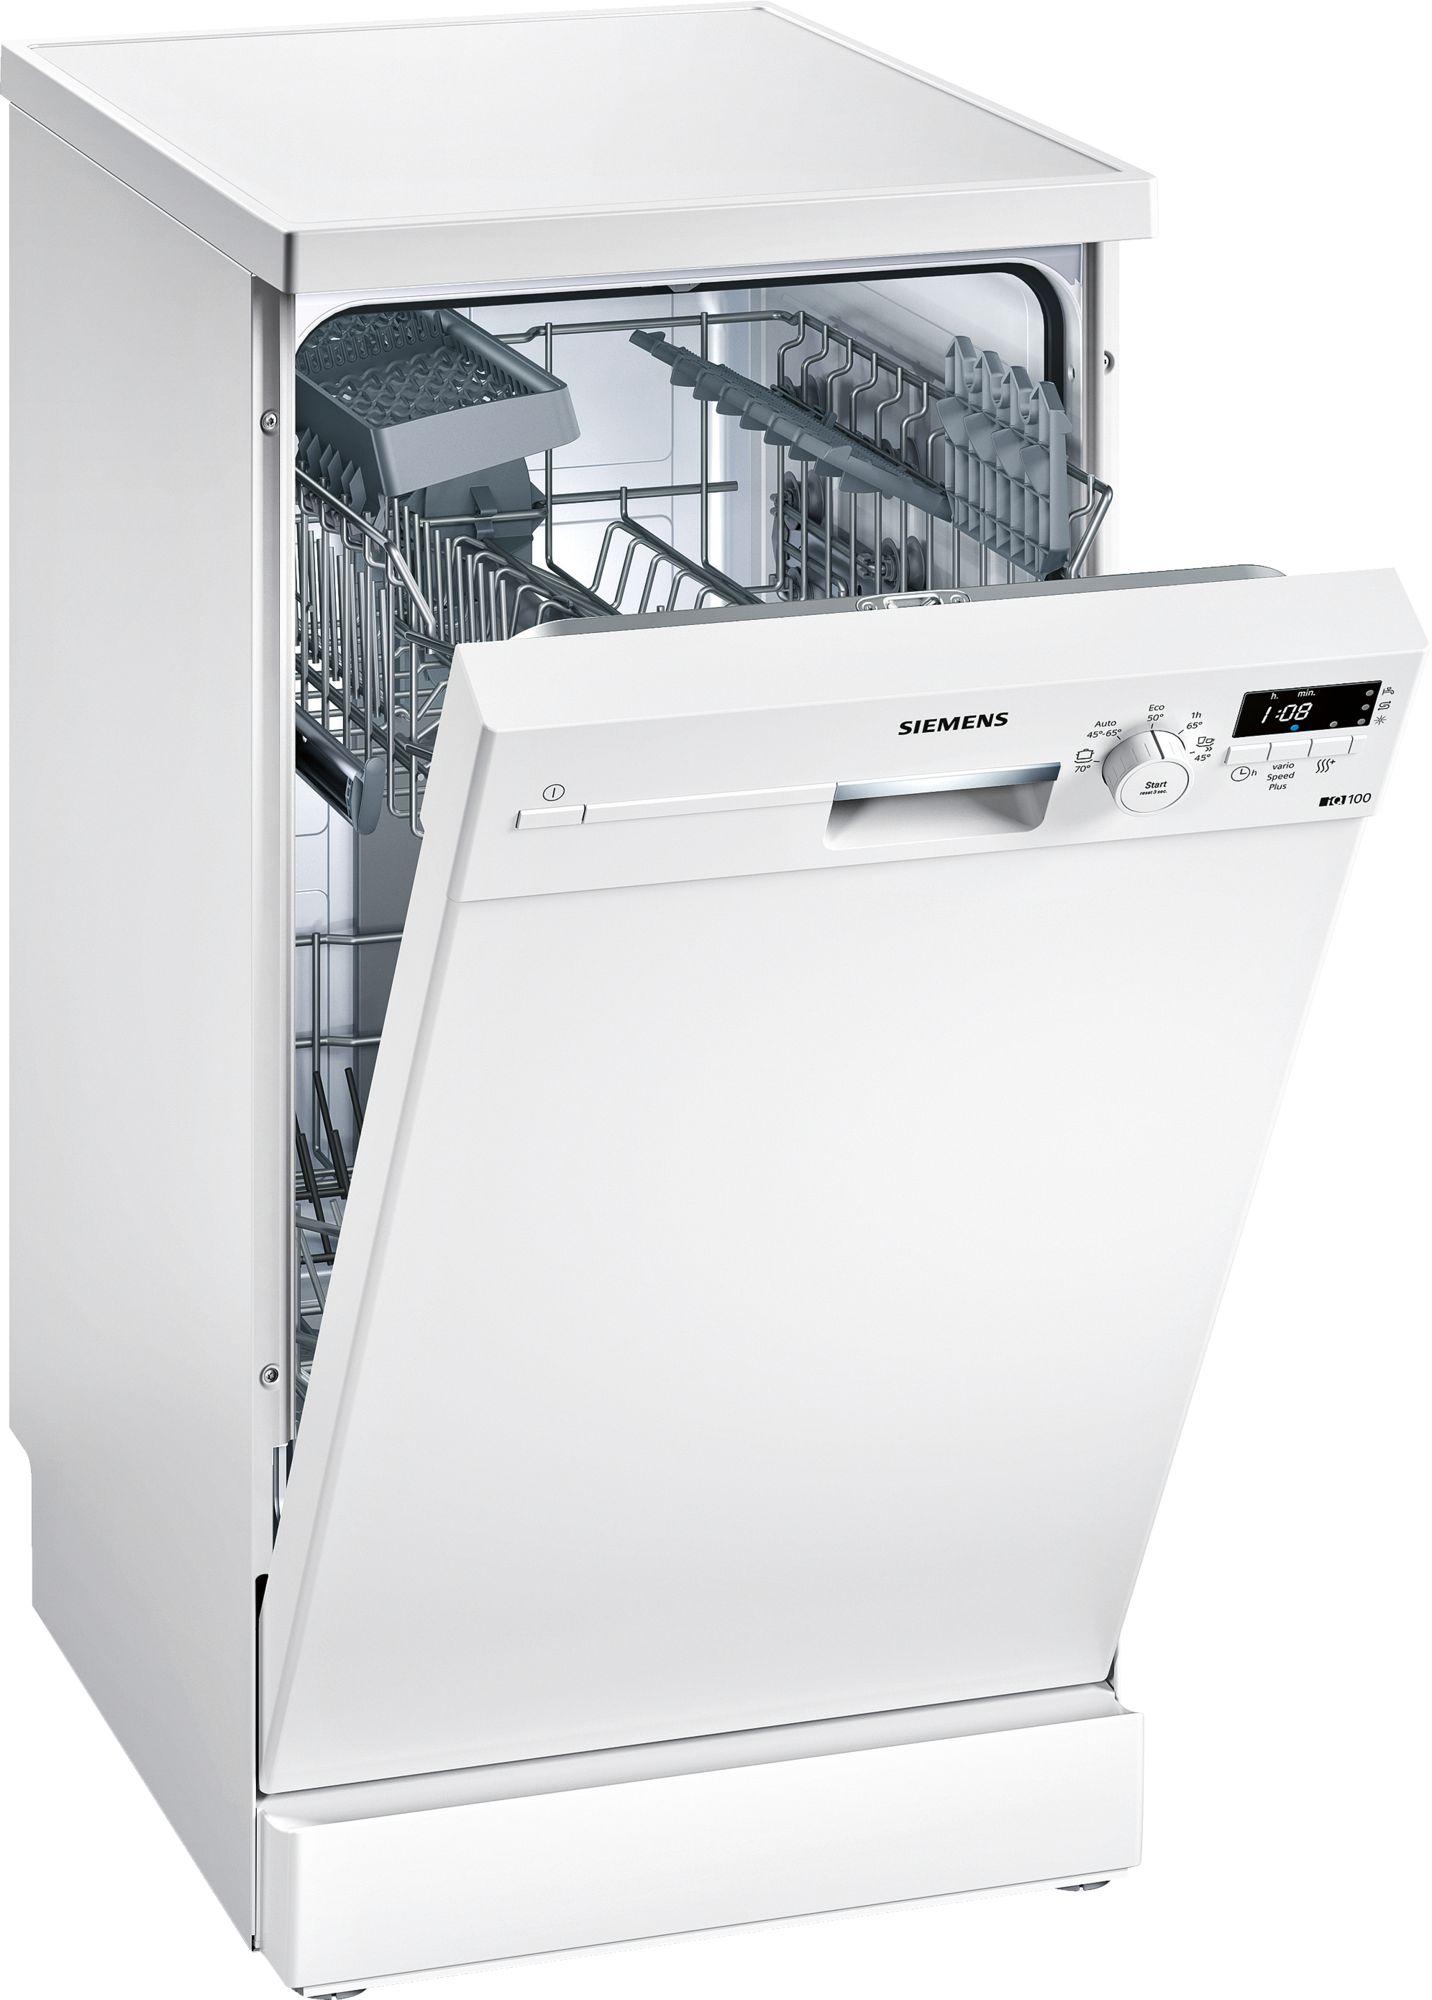 Siemens Geschirrspüler SpeedMatic Stand Weiß 45 Cm SR215W03CE Pictures